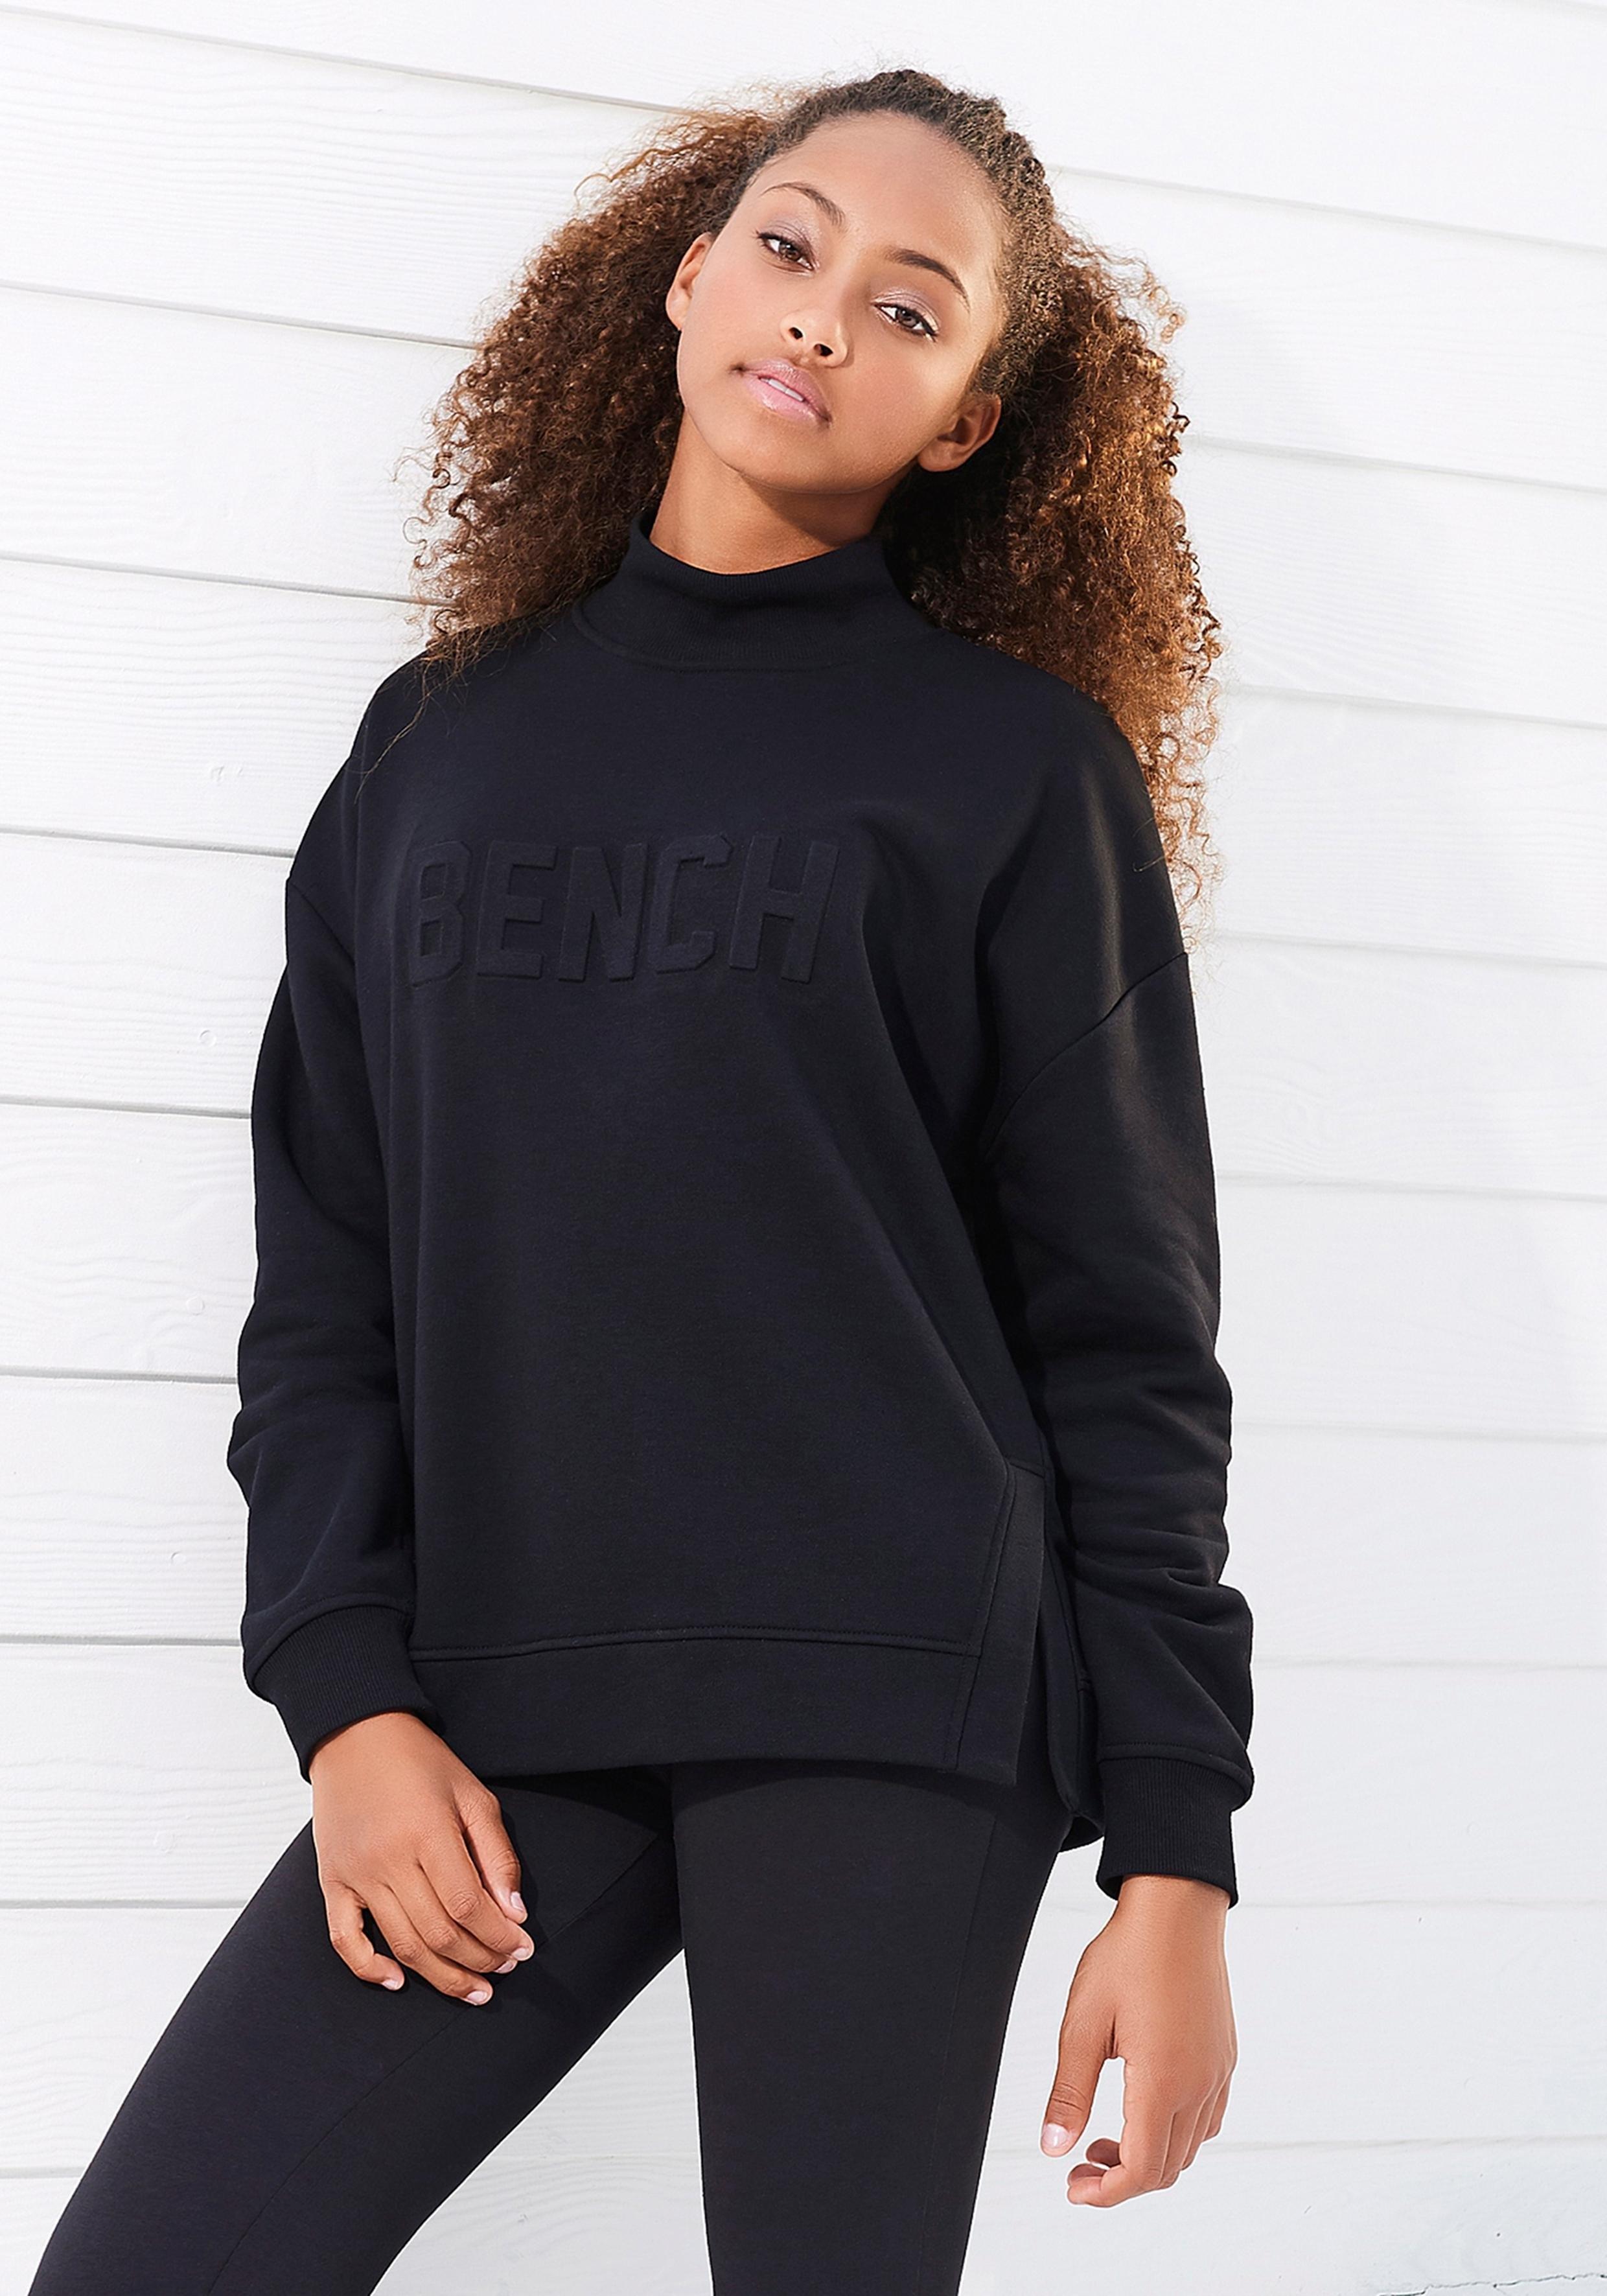 Op zoek naar een Bench. sweatshirt met zijsplitten? Koop online bij Lascana